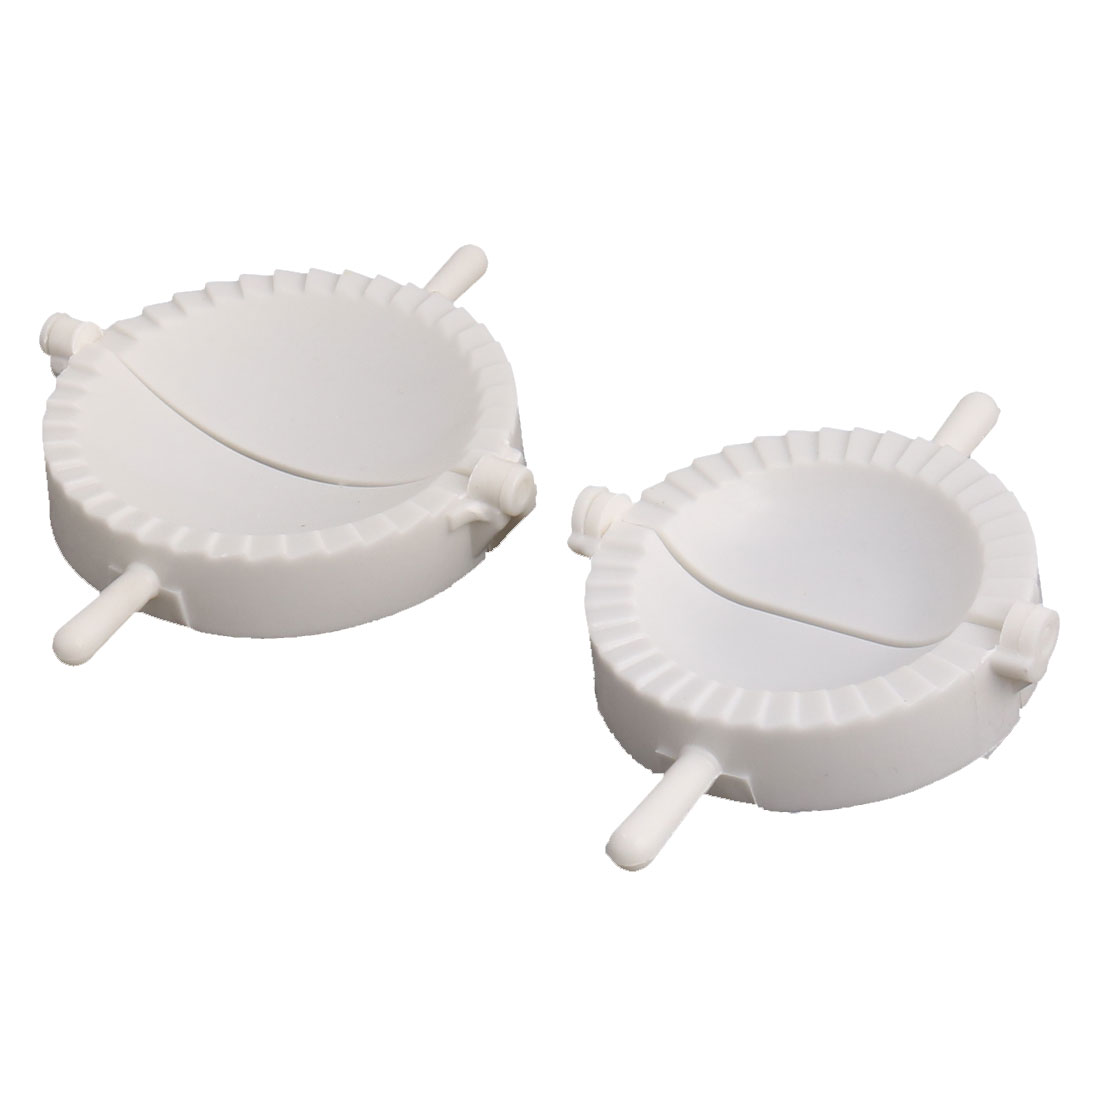 Household Plastic Dumpling Wonton Pastry Mold Dough Press White 2 in 1